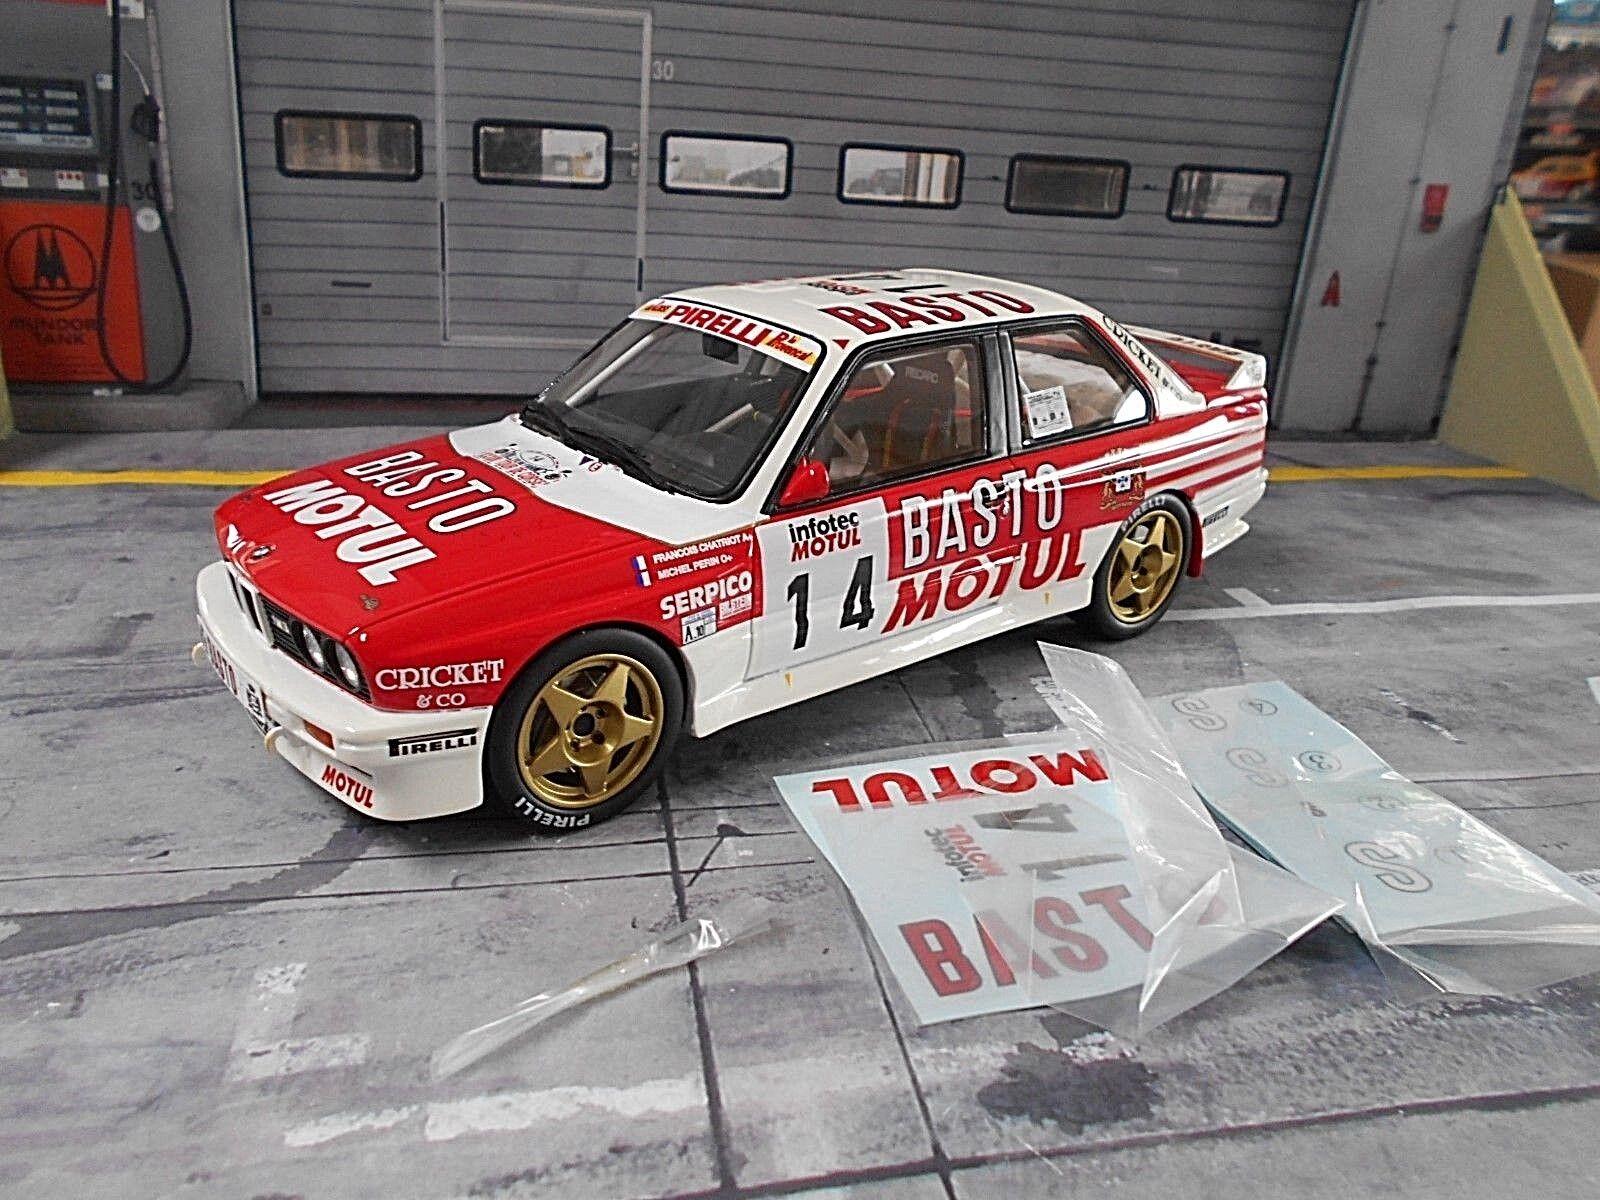 BMW m3 e30 Rallye Gr. A TOUR DE CORSE CORSE CORSE 1990 #14 Chatriot Bastos ot669 Otto 1:18 | Vendant Bien Partout Dans Le Monde  8ea021